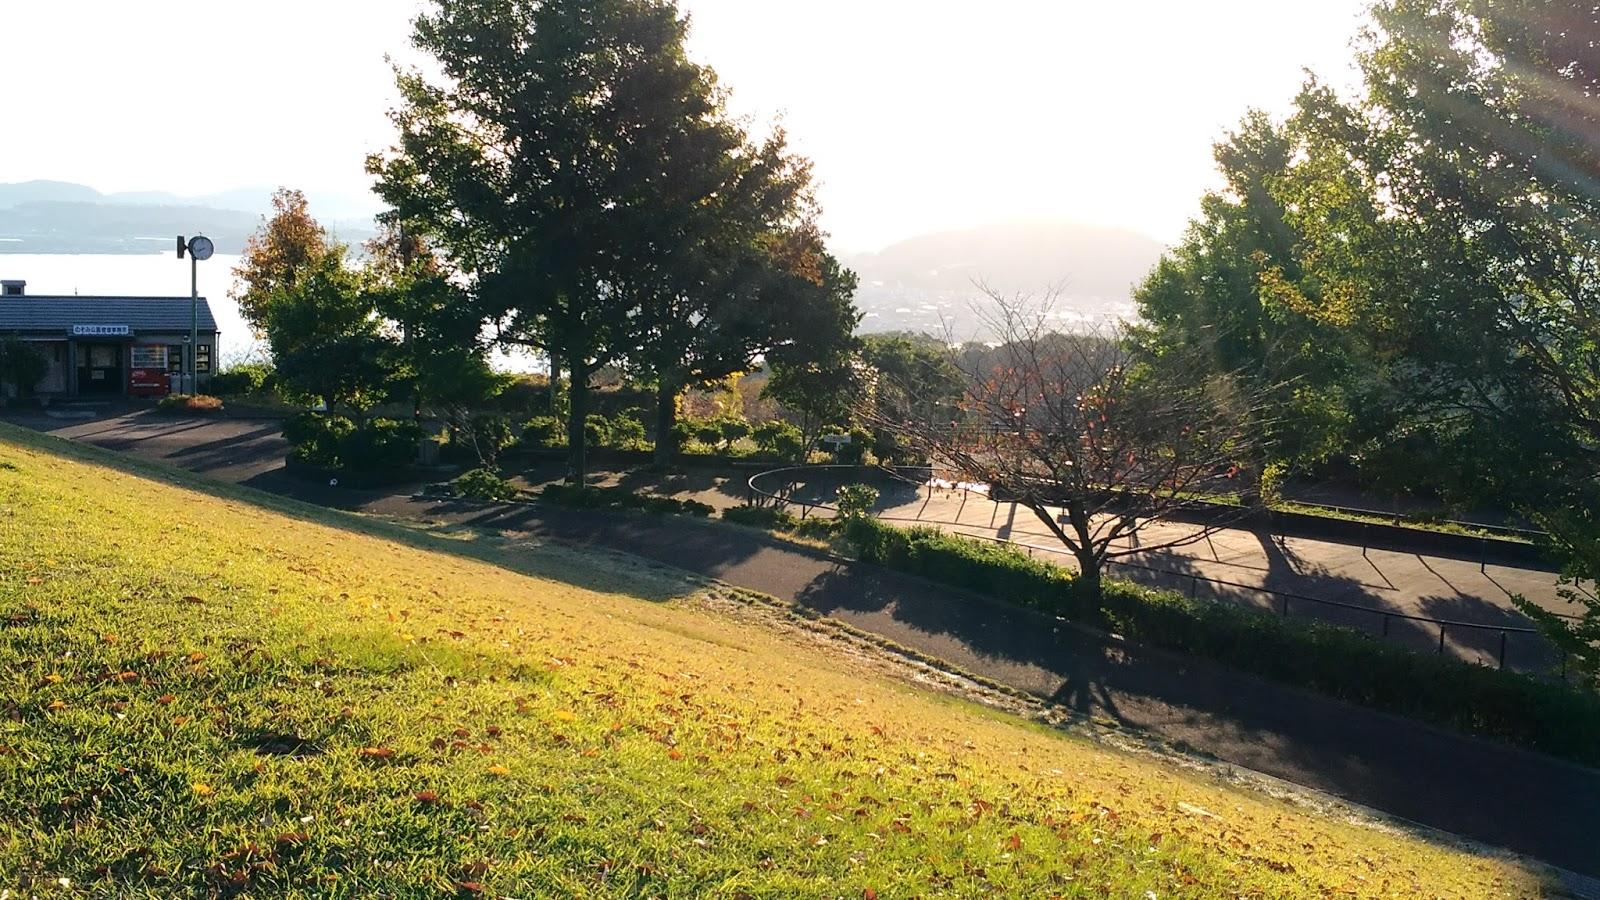 長崎県長与、諫早市ライド。ロードバイクで長崎市から諫早を回って長崎市まで約60km